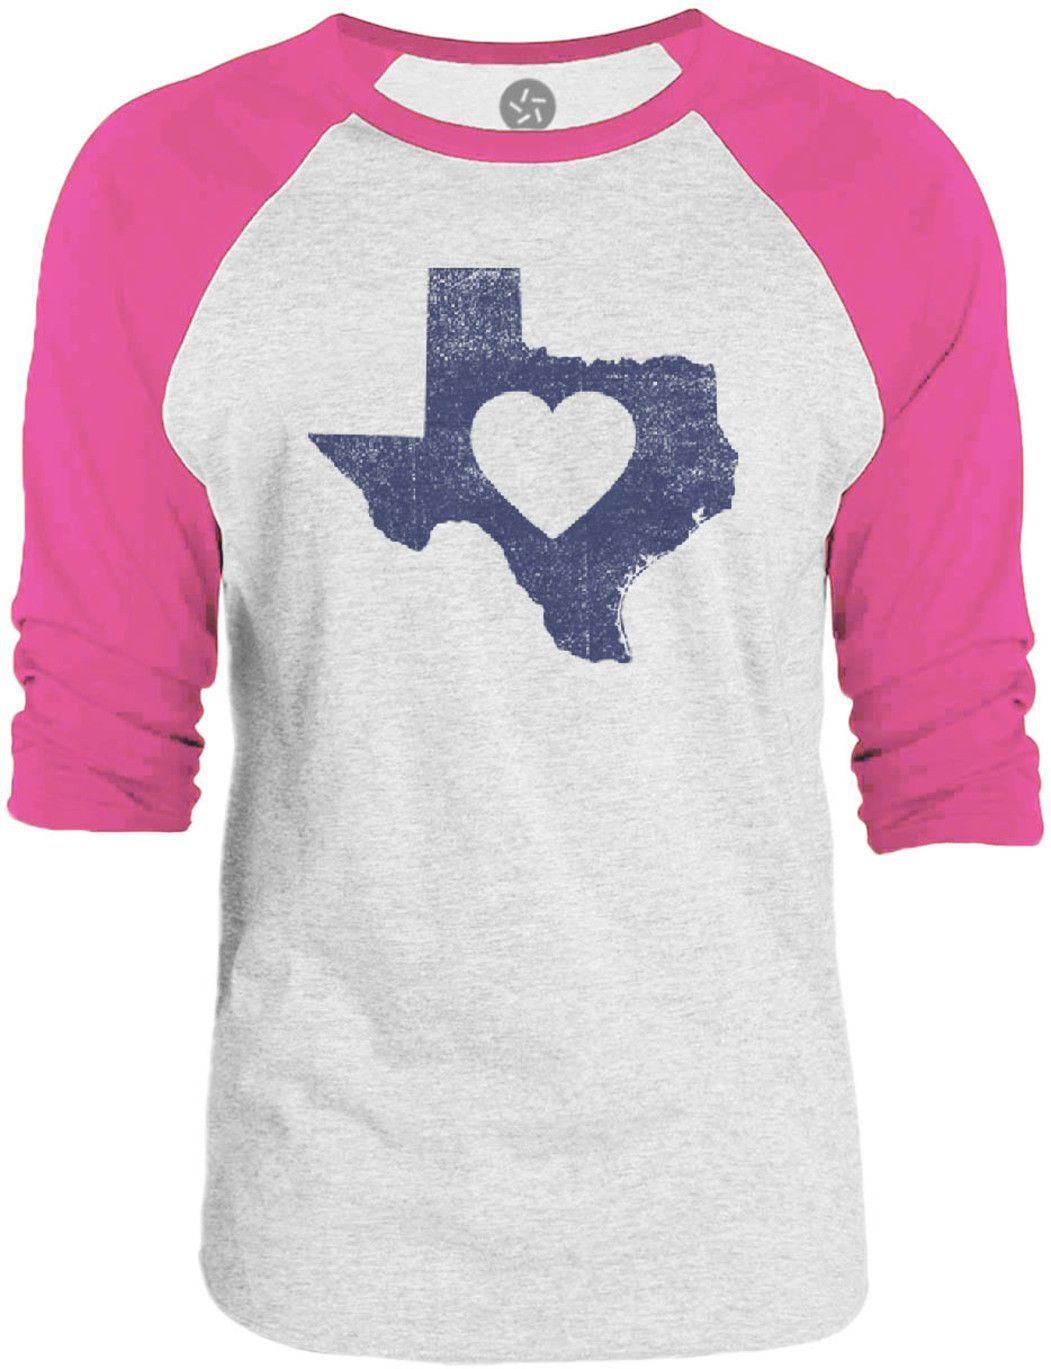 Big Texas Texas Love 3/4-Sleeve Raglan Baseball T-Shirt